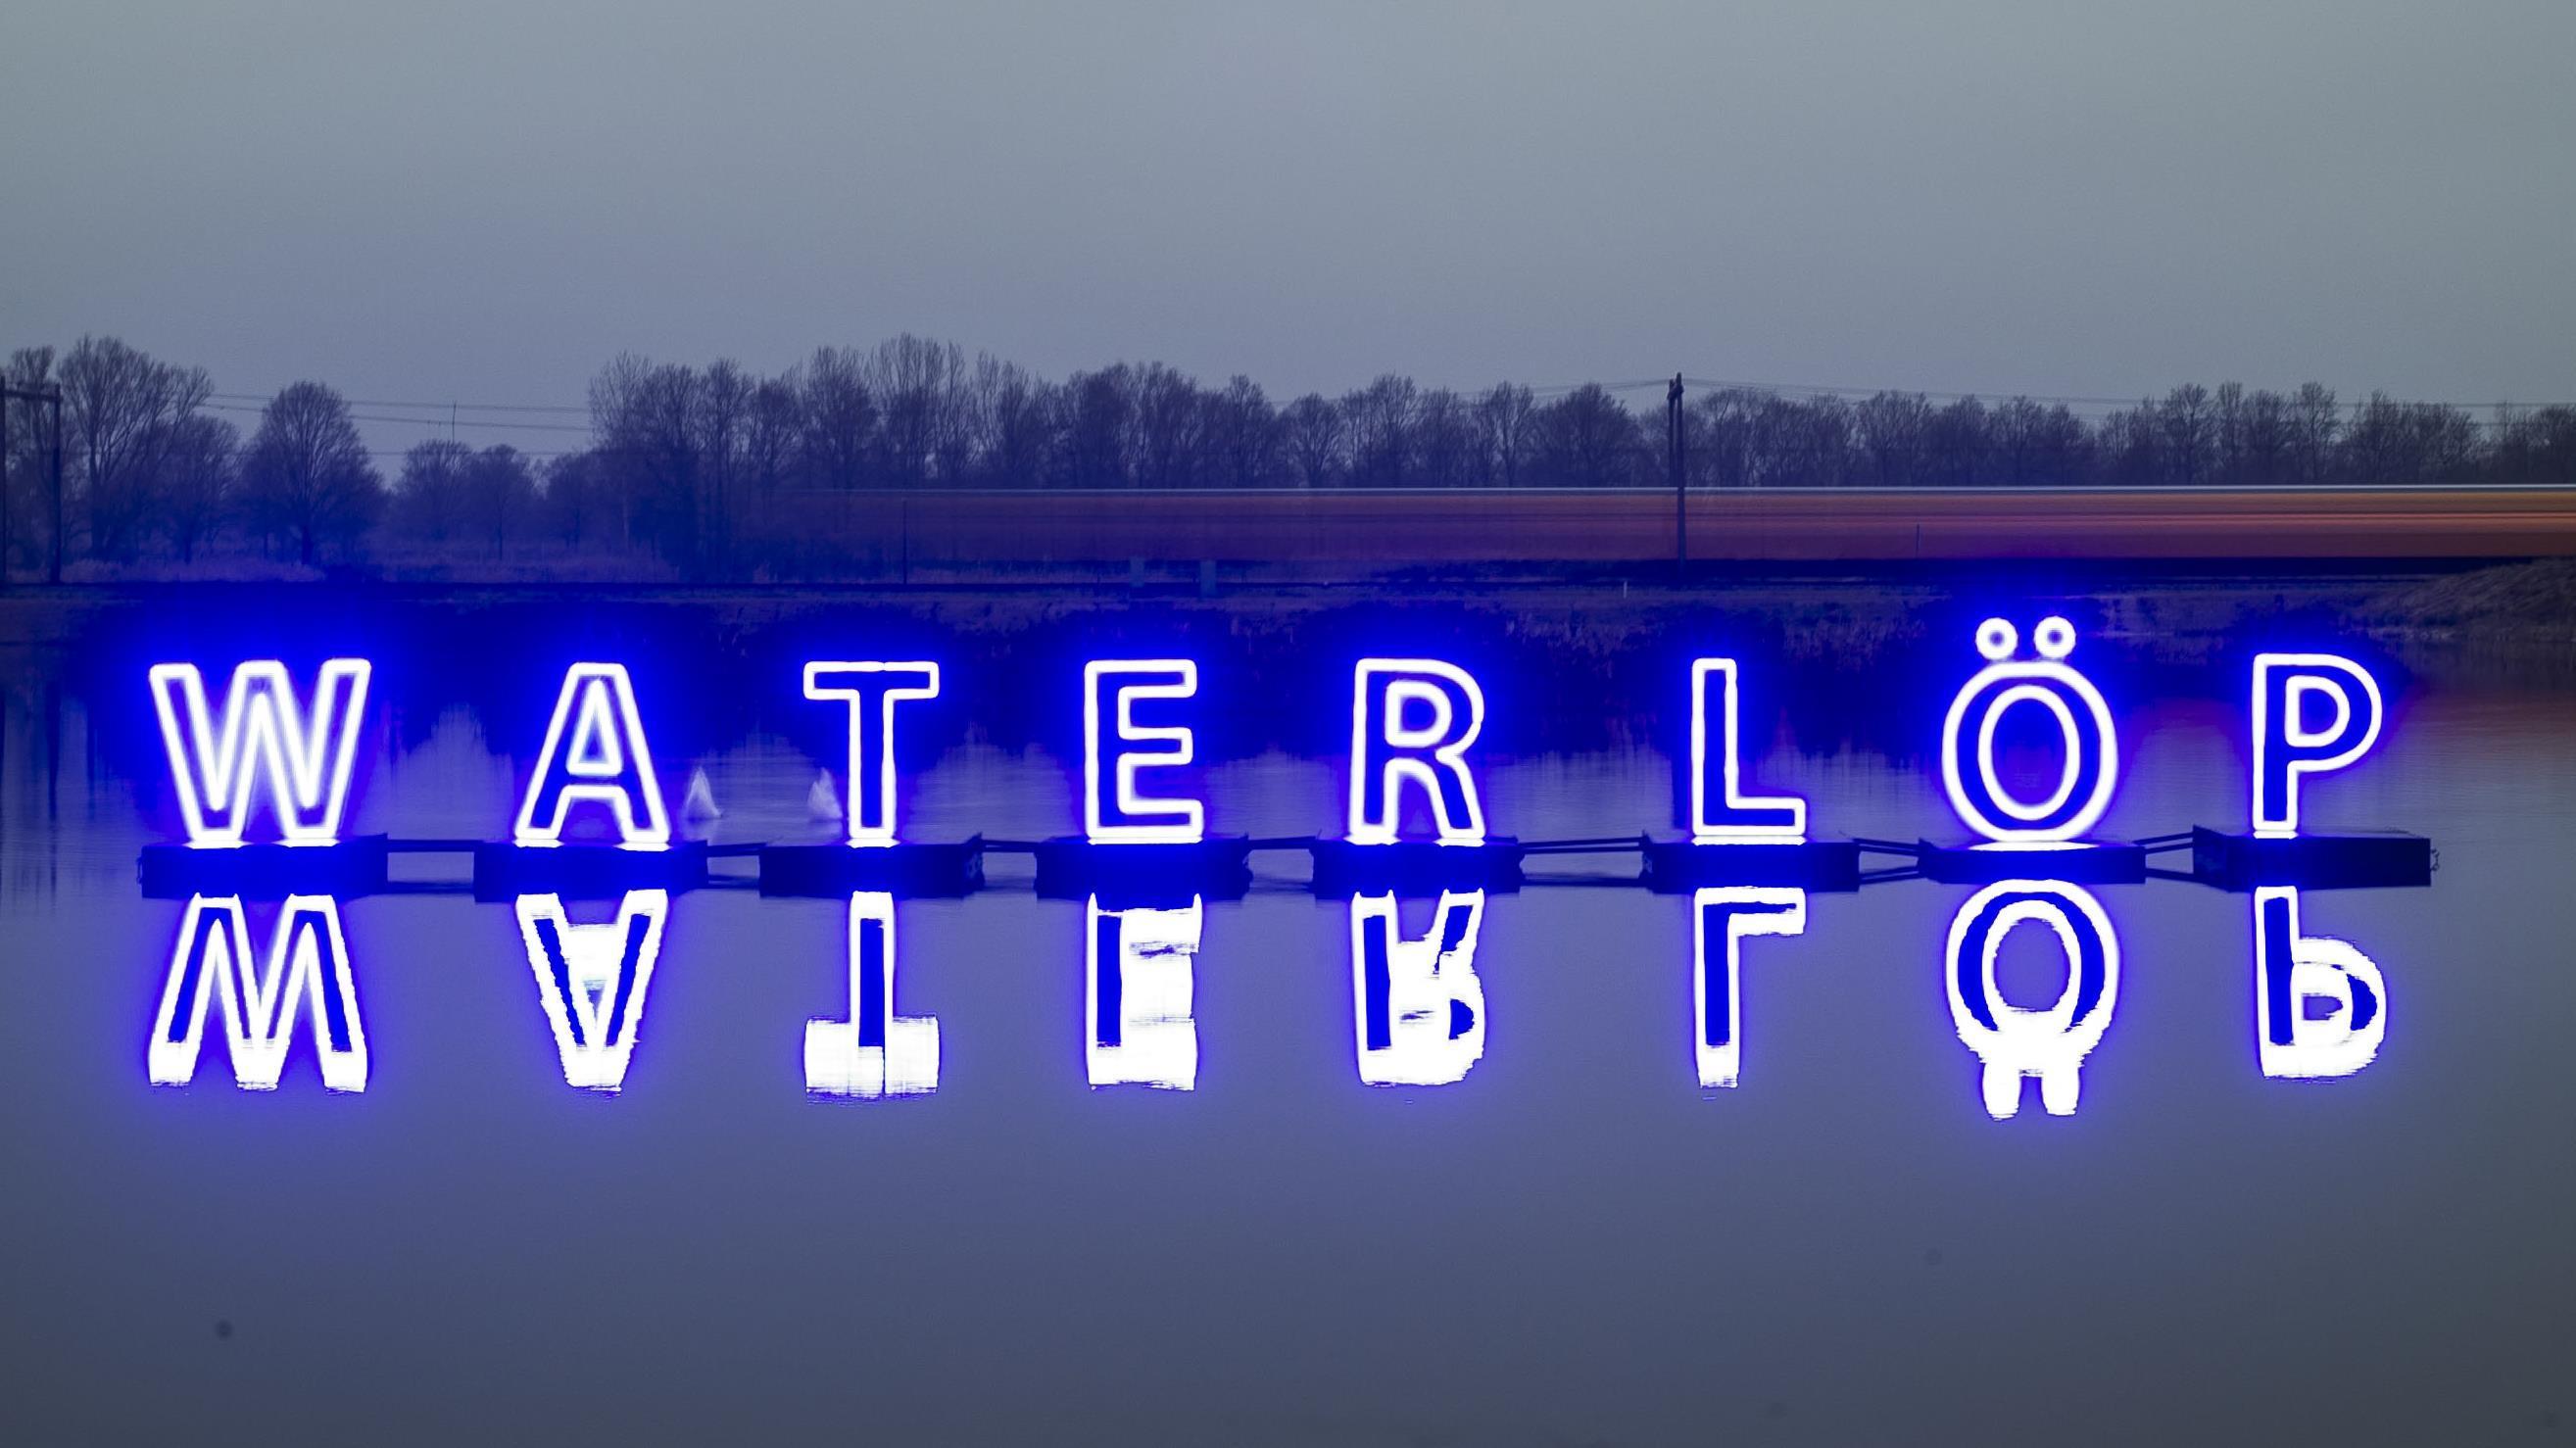 Verlichting kunstwerk 39 water l p 39 in kristalbad bij enschede blijft langer uit - Verlicht camif ...